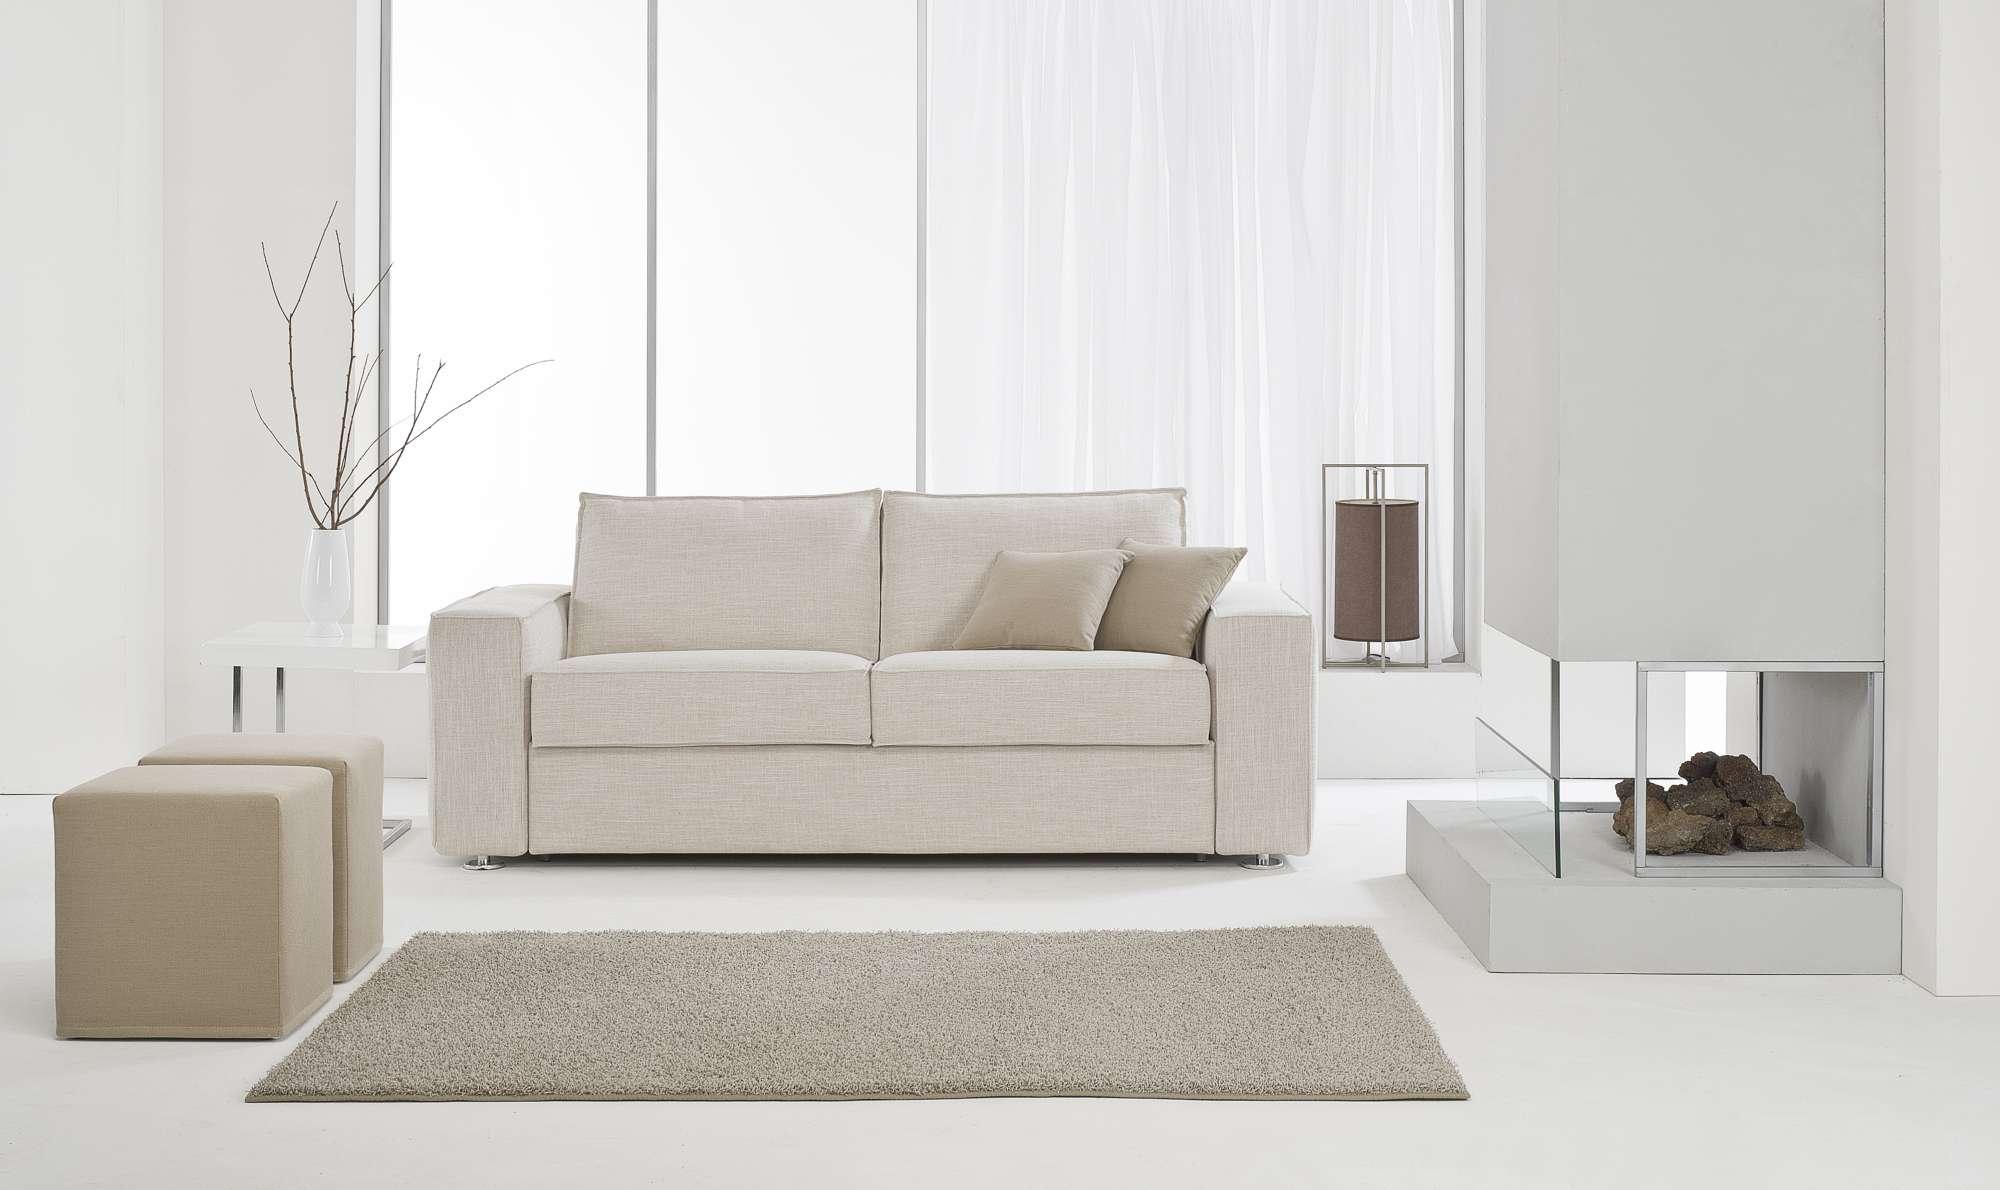 Lee - Divani letto con chaise longue - Collezione Moderni